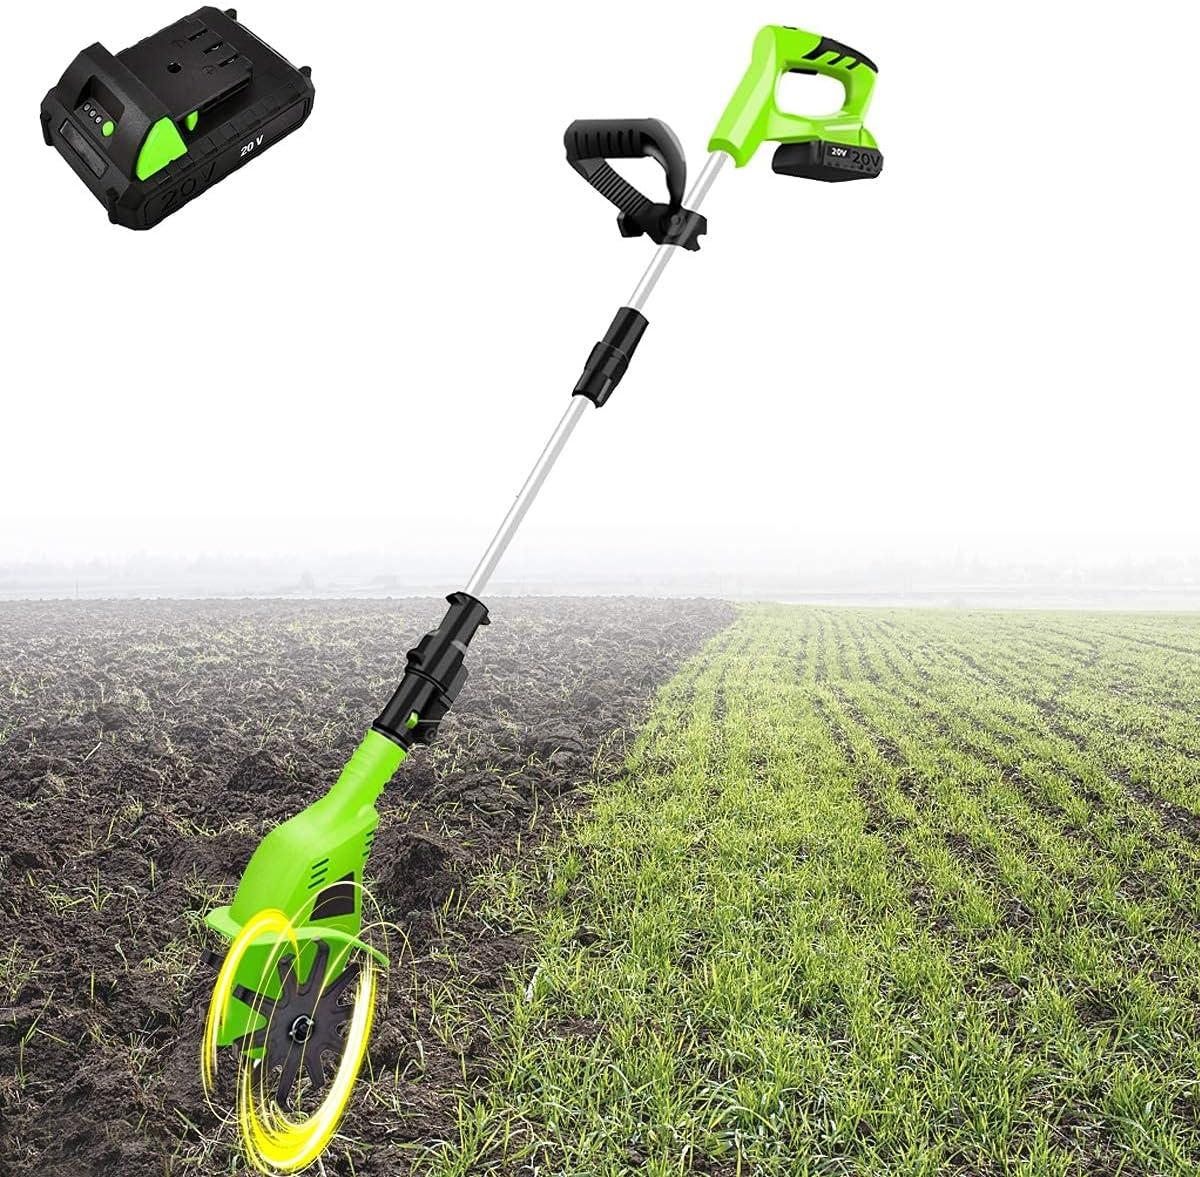 Arado de jardín eléctrico inalámbrico, rotador de jardín telescópico, desbrozadora / cultivador eléctrico, profundidad de trabajo de 25 cm, cultivador de arado de jardín (con batería y cargador de 4.0